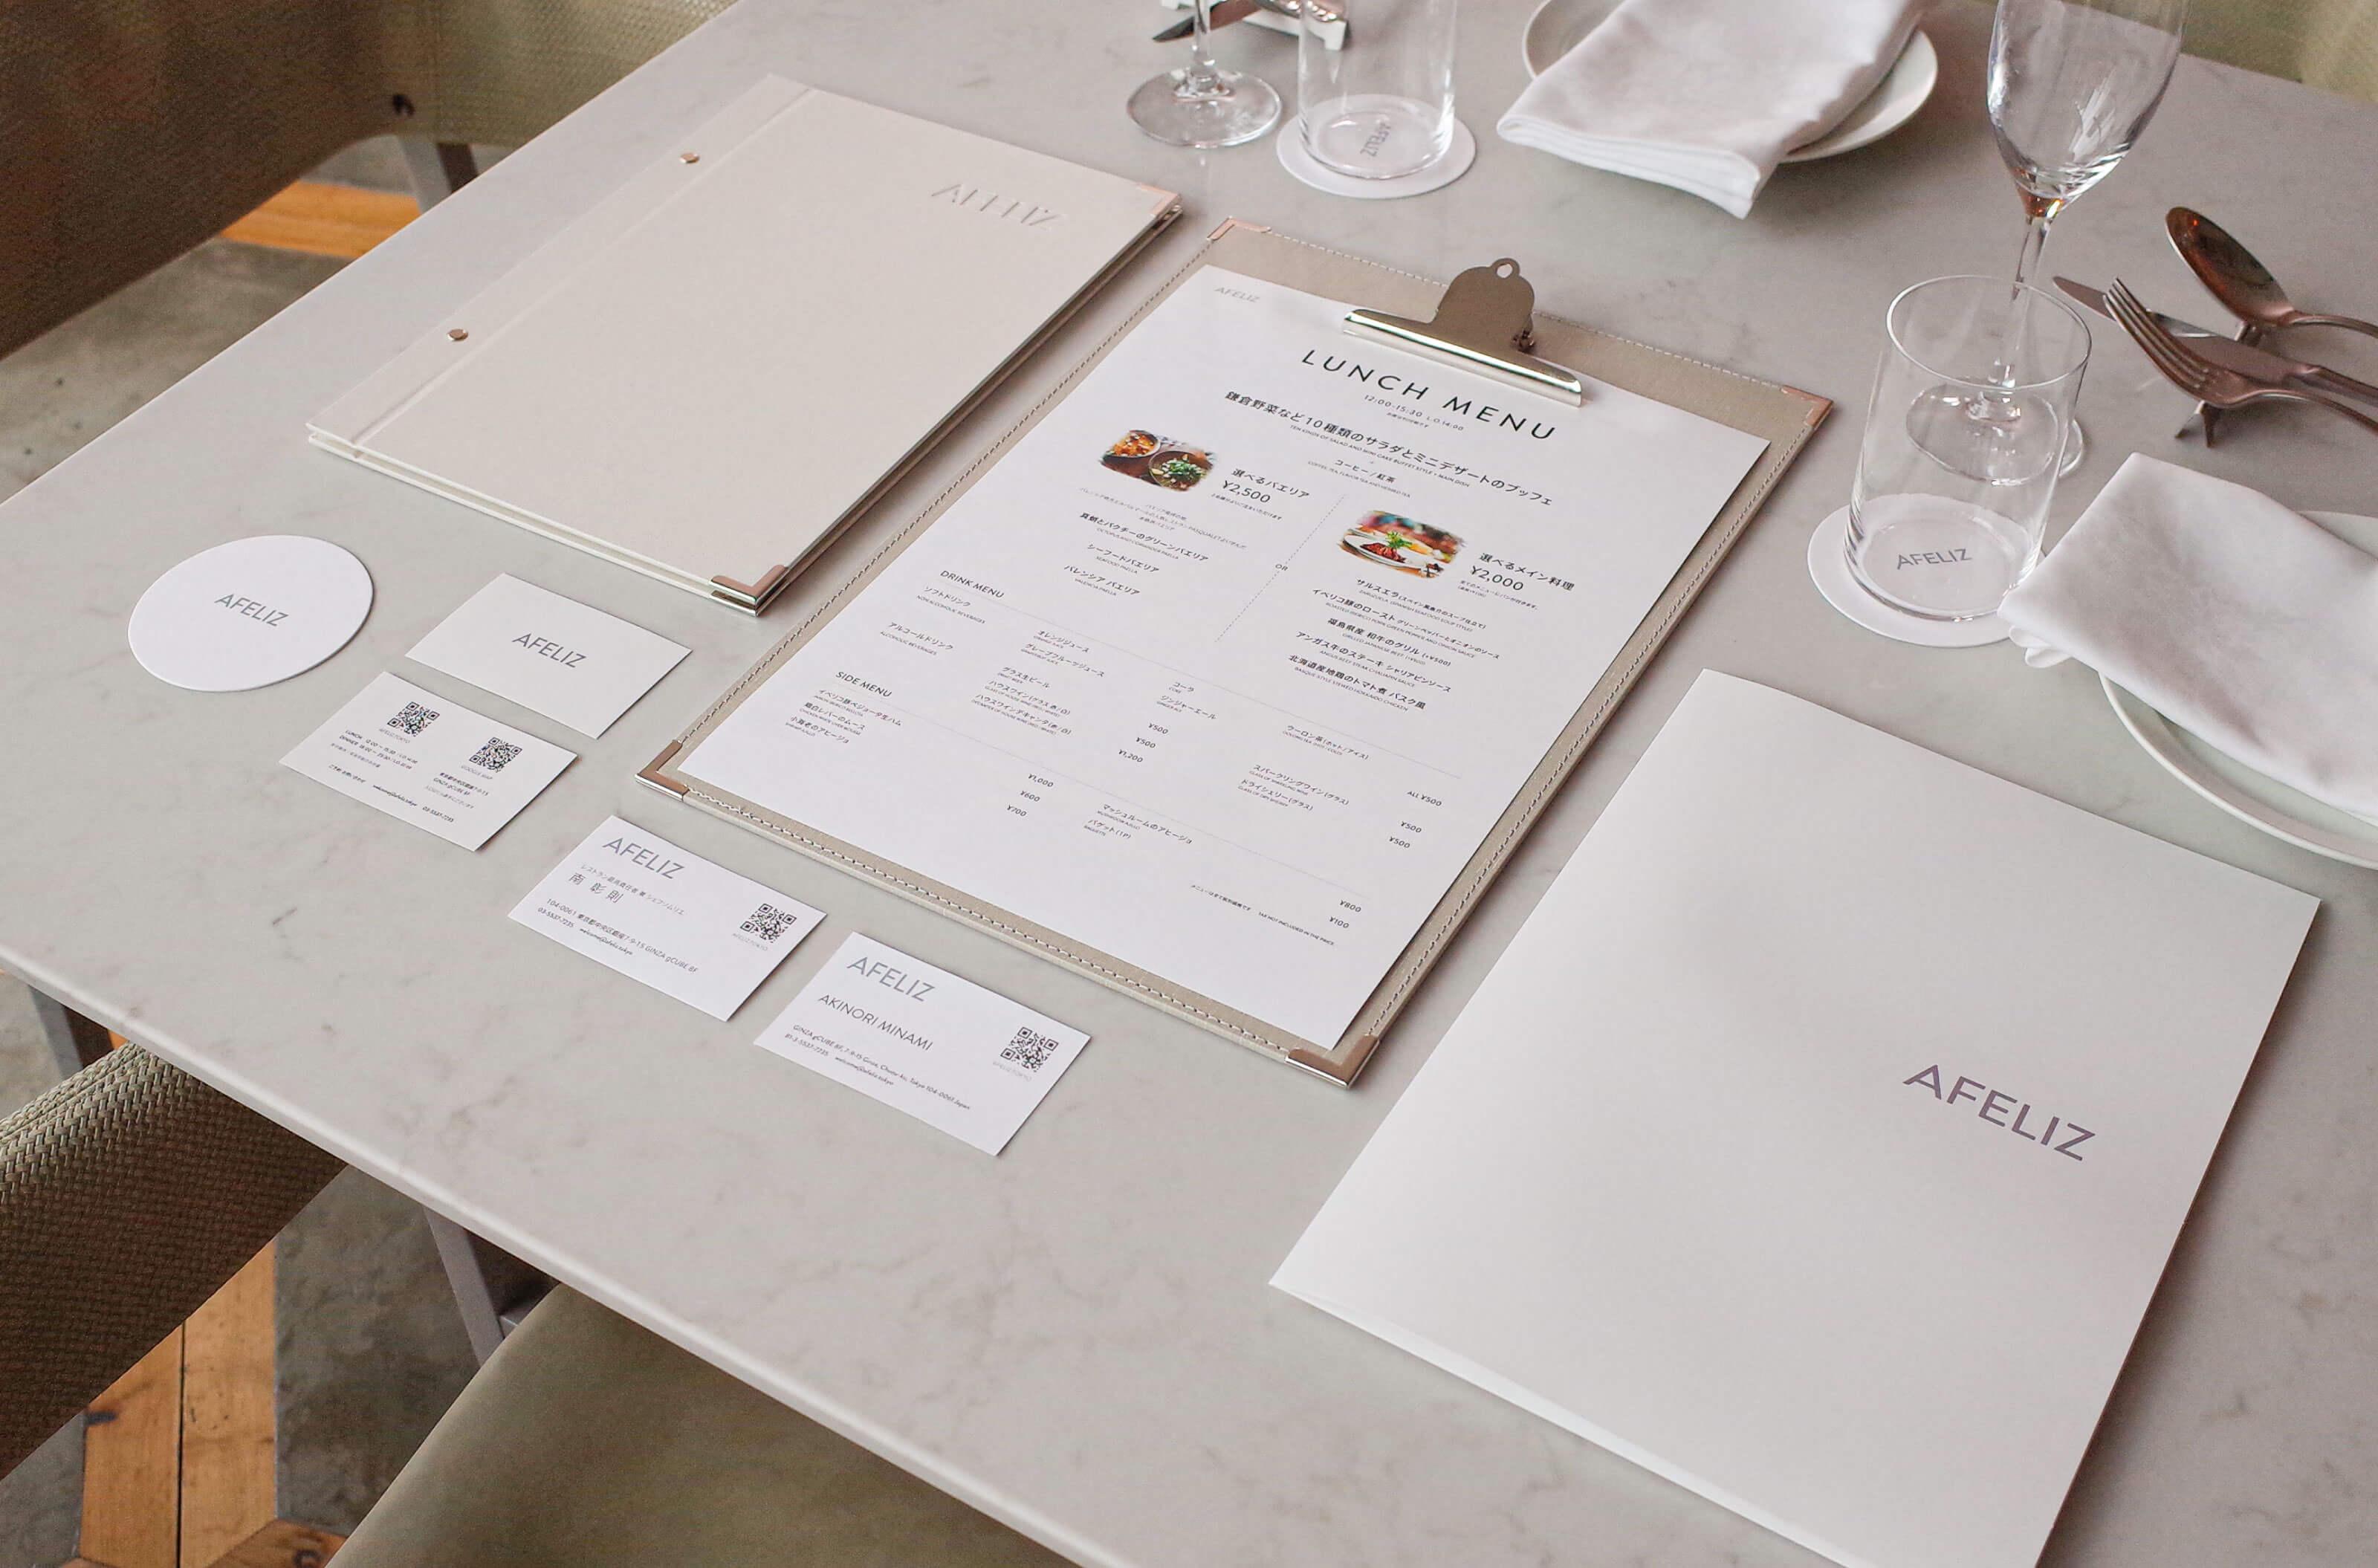 AFELIZ | 銀座スペイン料理レストラン | アートディレクション